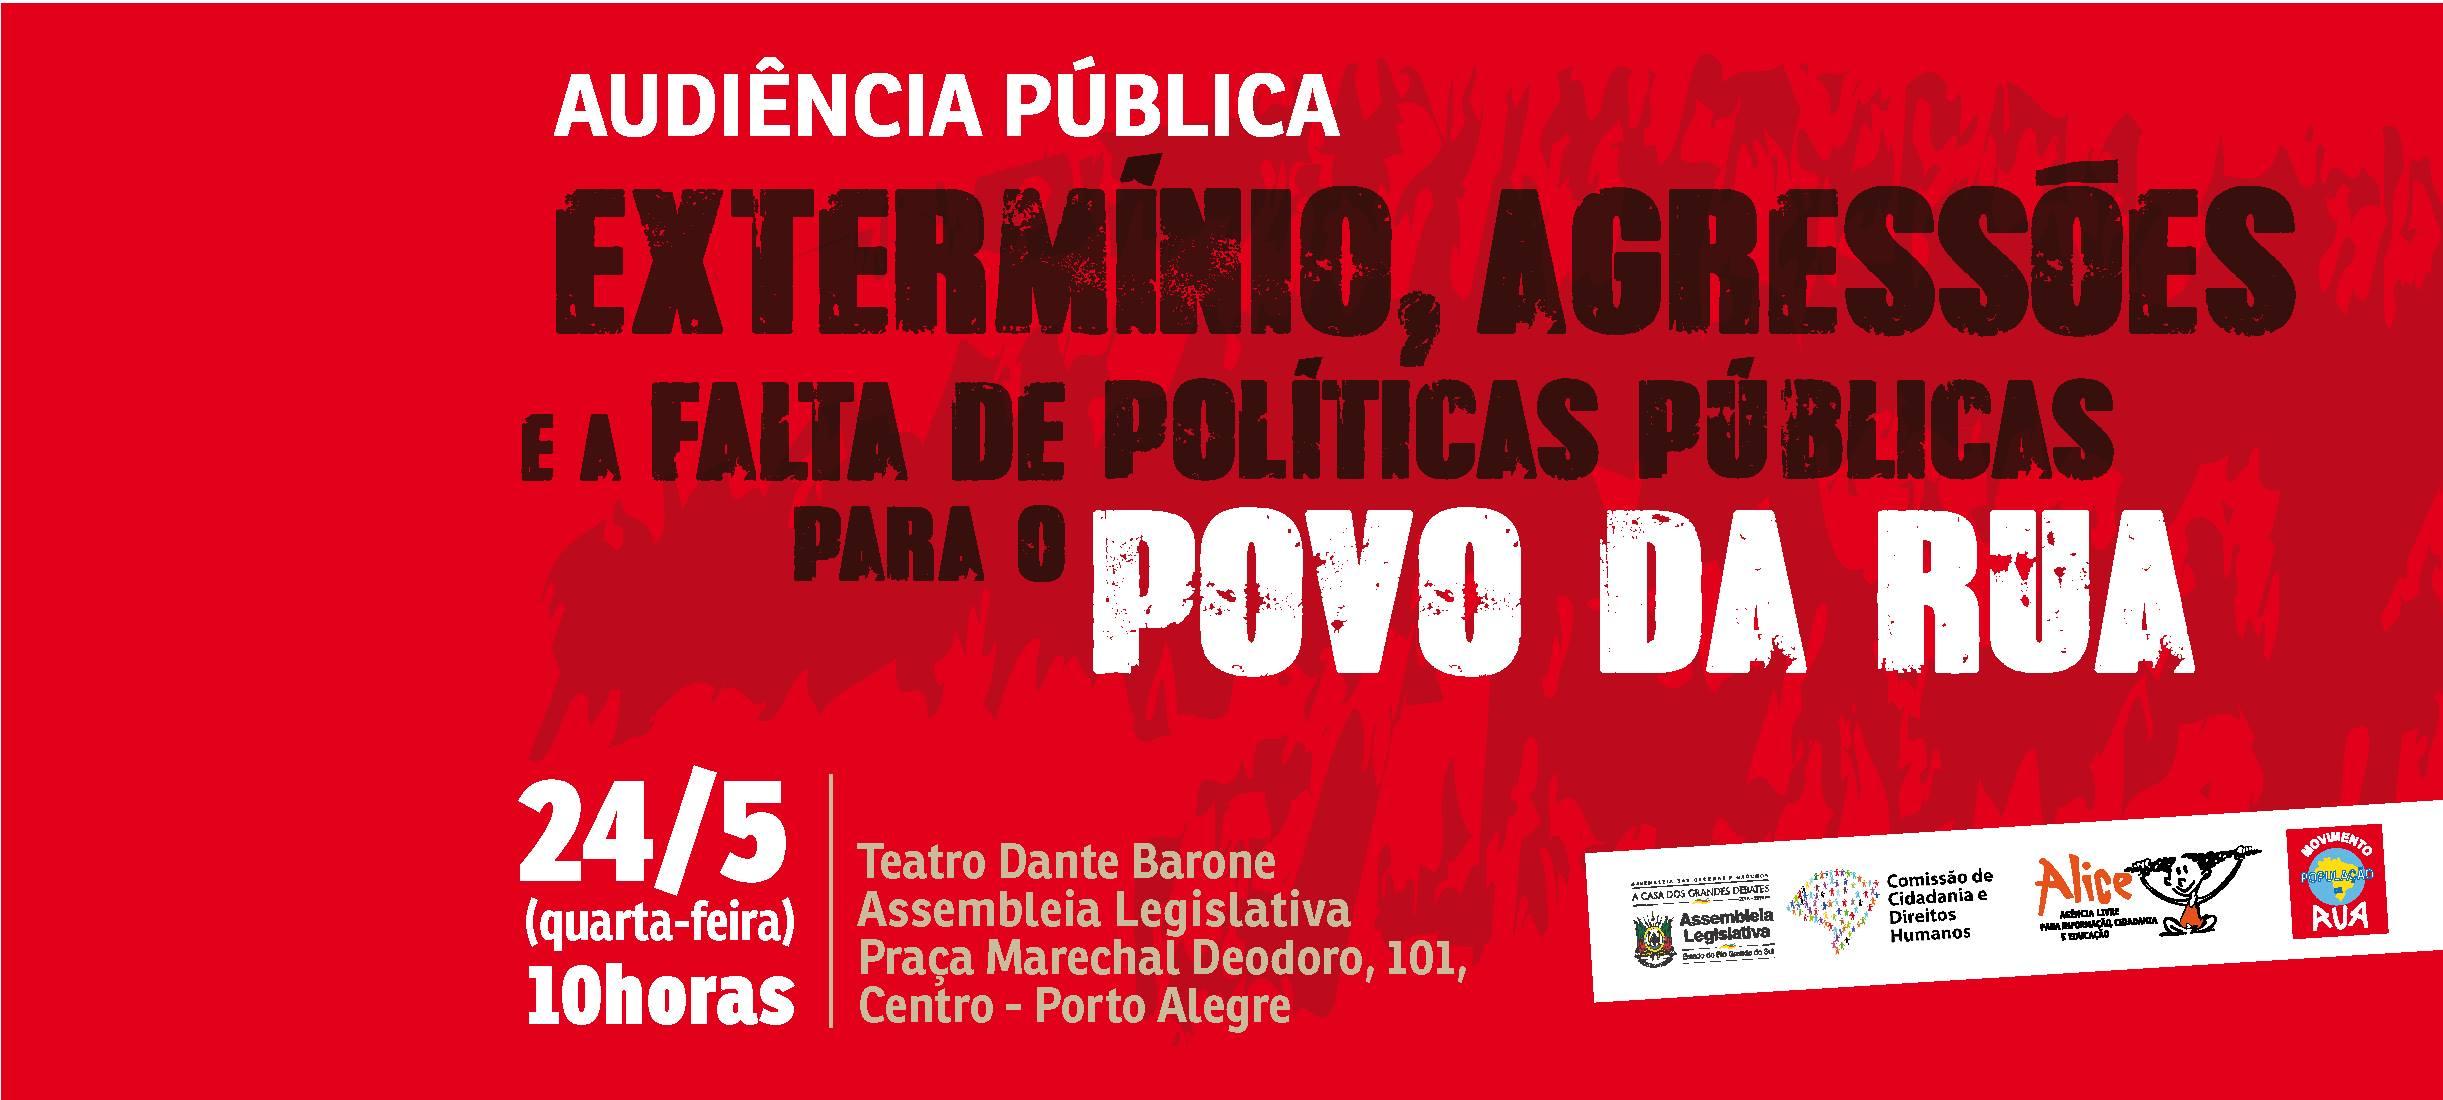 Moradores de Rua articulam Audiência Pública  para denunciar extermínio e violência